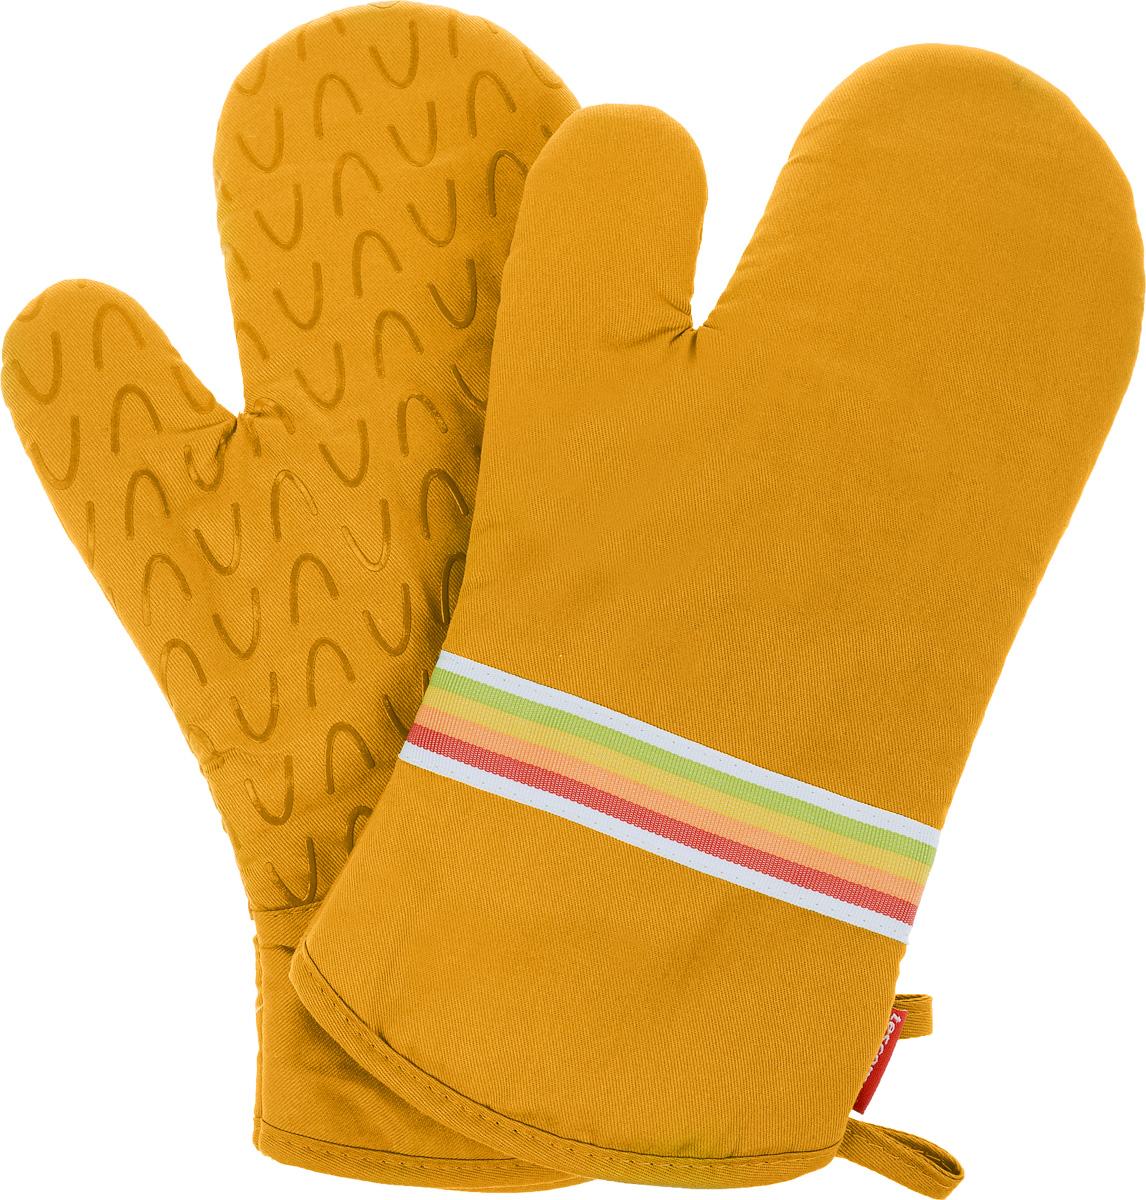 Рукавица-прихватка Tescoma Presto Tone, цвет: желтый, 33 х 18 см, 2 шт639751_желтыйРукавица-прихватка Tescoma Presto Tone, изготовленная из 100% хлопка и термостойкого силикона, имеет яркий дизайн. Для простоты и удобства хранения, изделие оснащено петелькой для подвешивания и магнитом. Такая прихватка защитит ваши руки от высоких температур и предотвратит появление ожогов. Рекомендуется стирка при температуре 30°С. Размер изделия (ДхШ): 33 х 18 см.Комплектация: 2 шт.